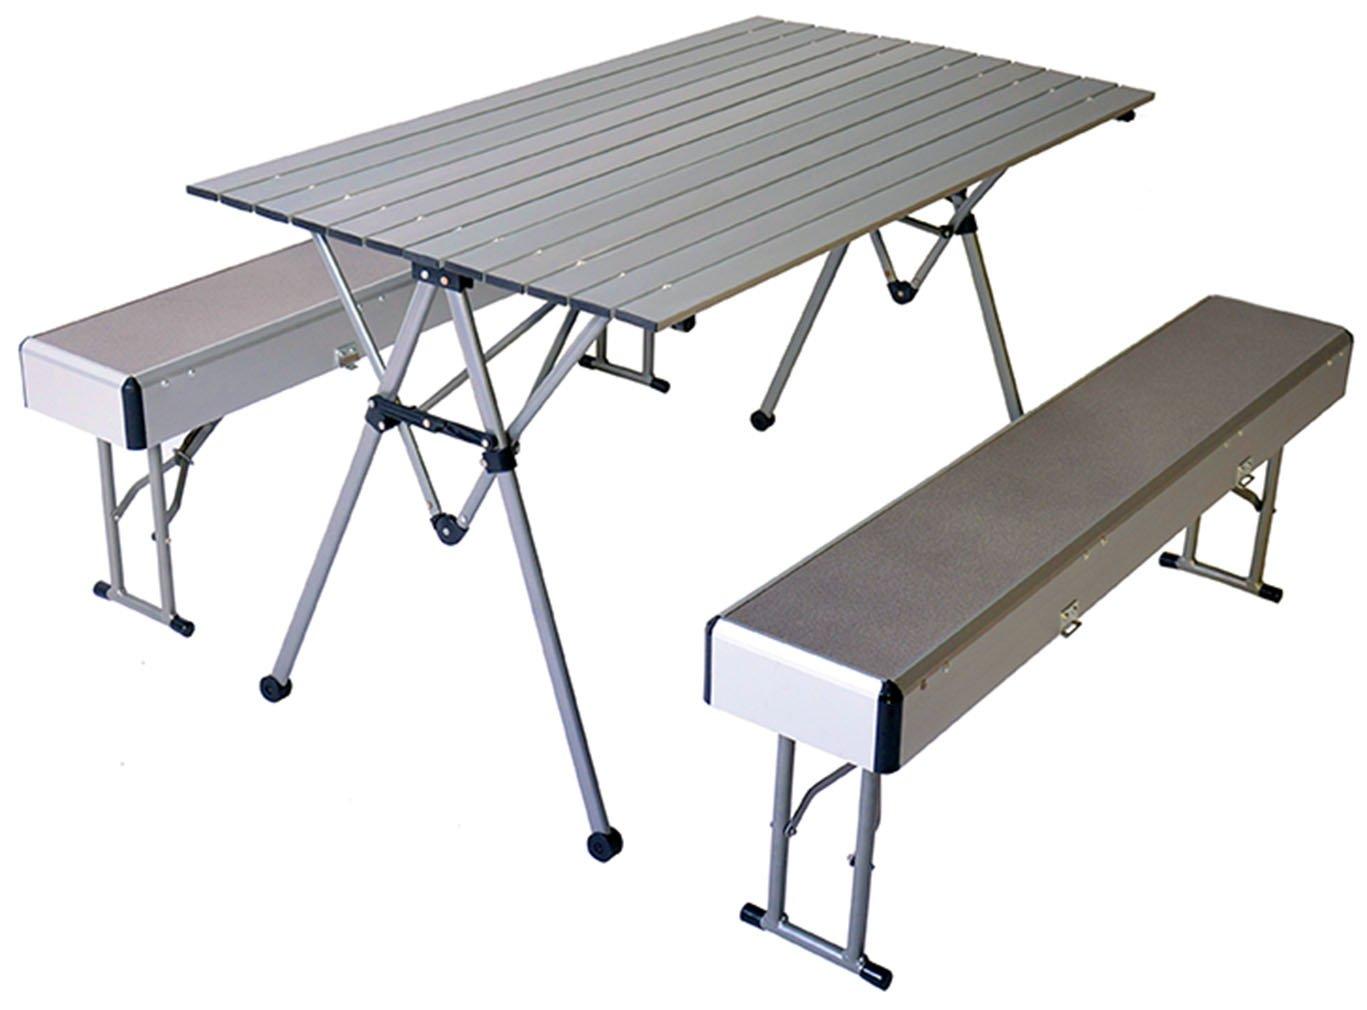 Connex Warenhandel Camping Tisch Neu Klapptisch mit 2 Bänken Aluminium Stuhl Garnitur